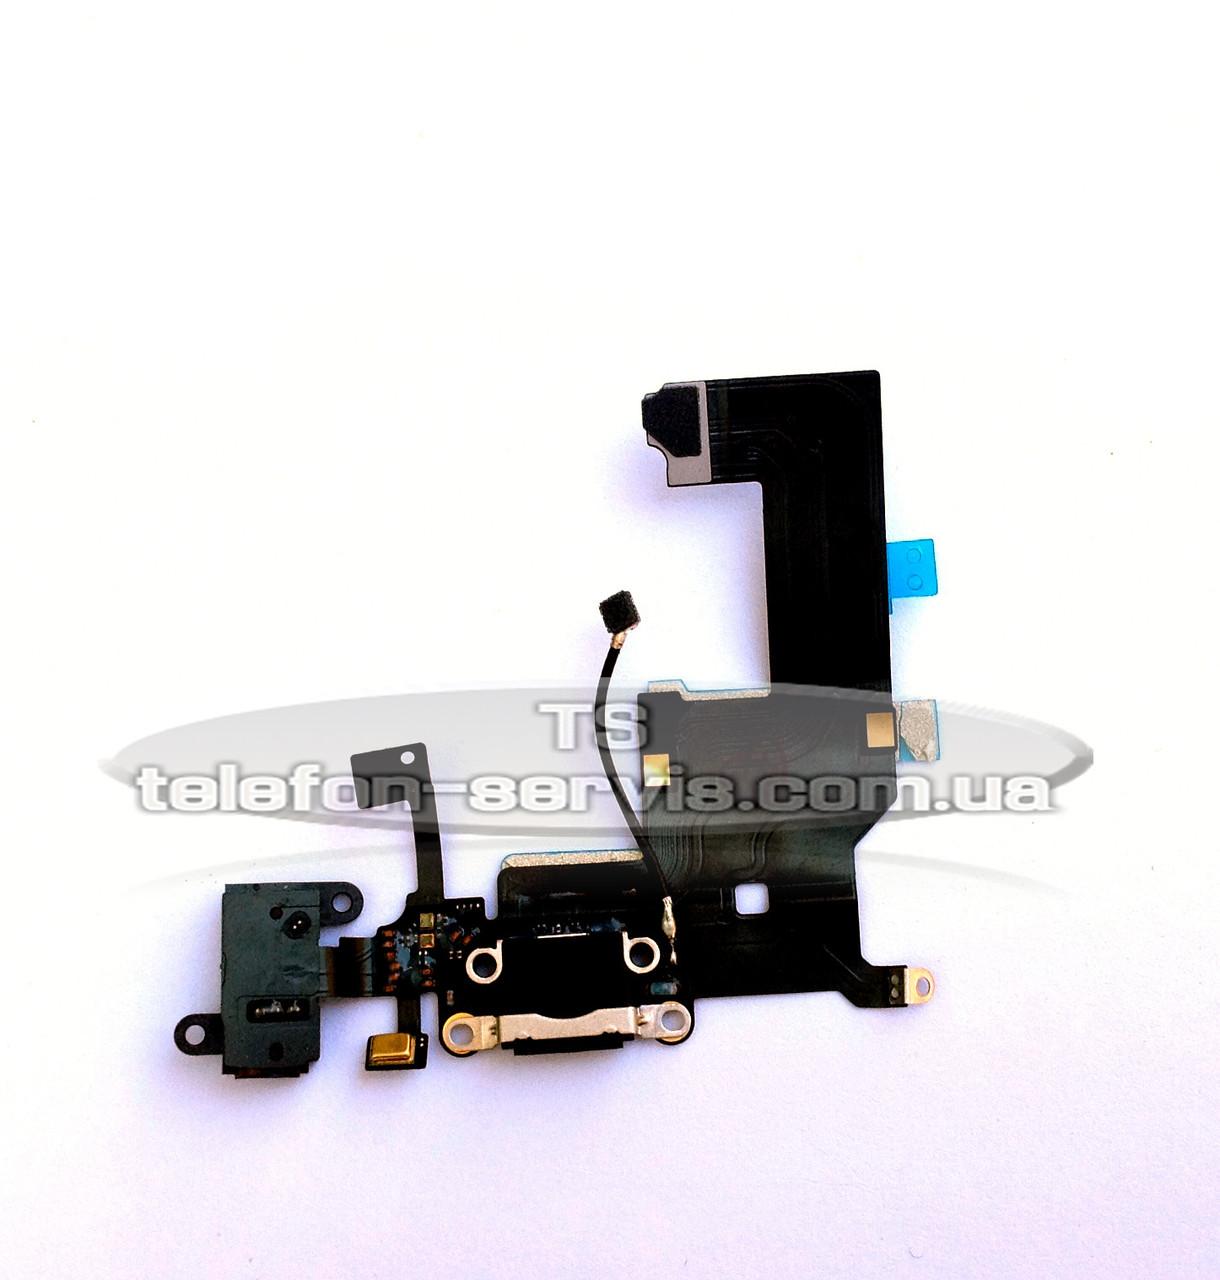 Шлейф  Apple iPhone 5, черный, коннектора зарядки, коннектора наушников, с компонентами, с микрофоном